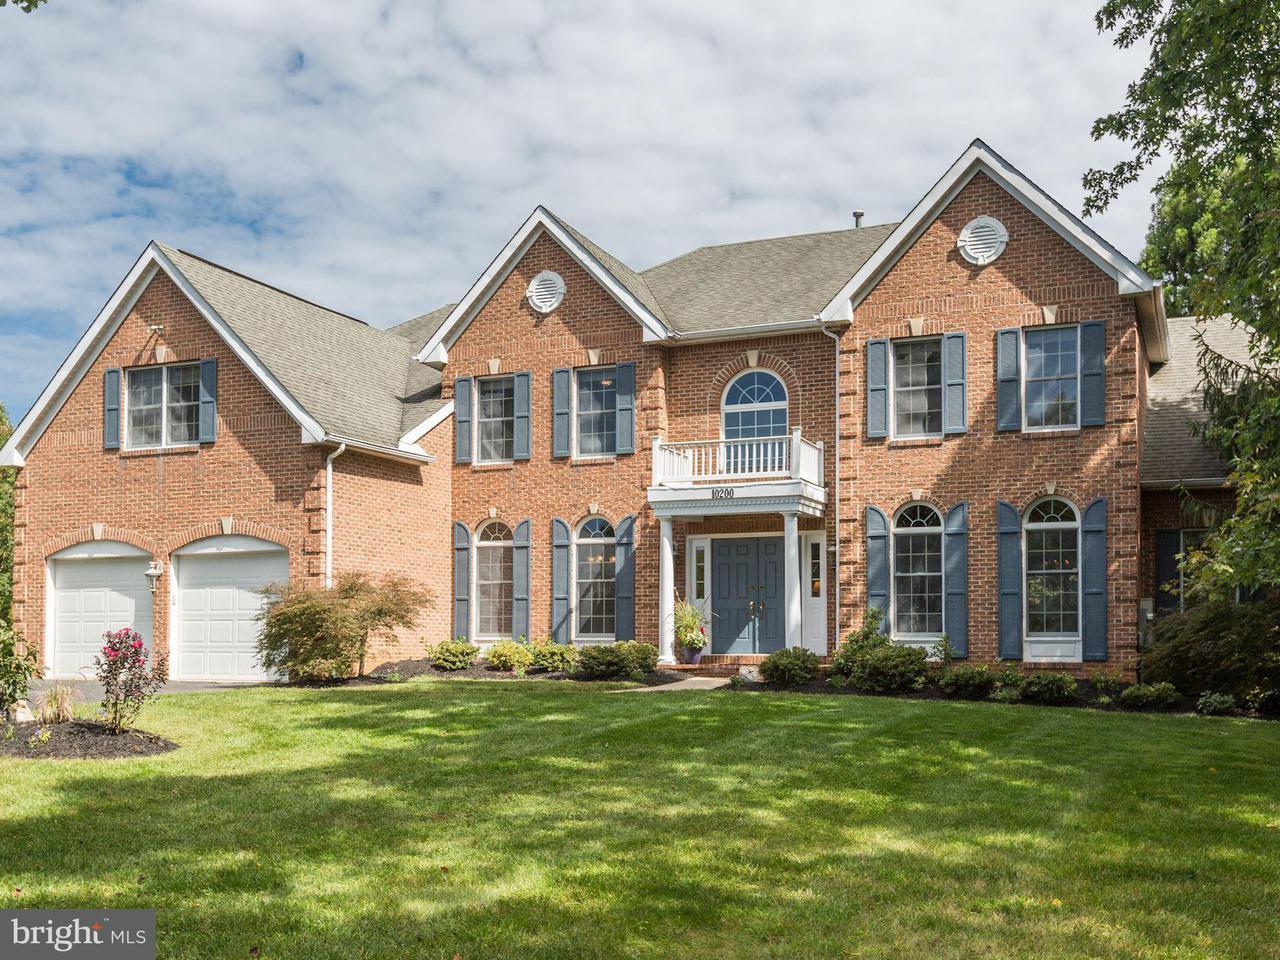 단독 가정 주택 용 매매 에 10200 CROSS HAVEN Court 10200 CROSS HAVEN Court Rockville, 메릴랜드 20850 미국